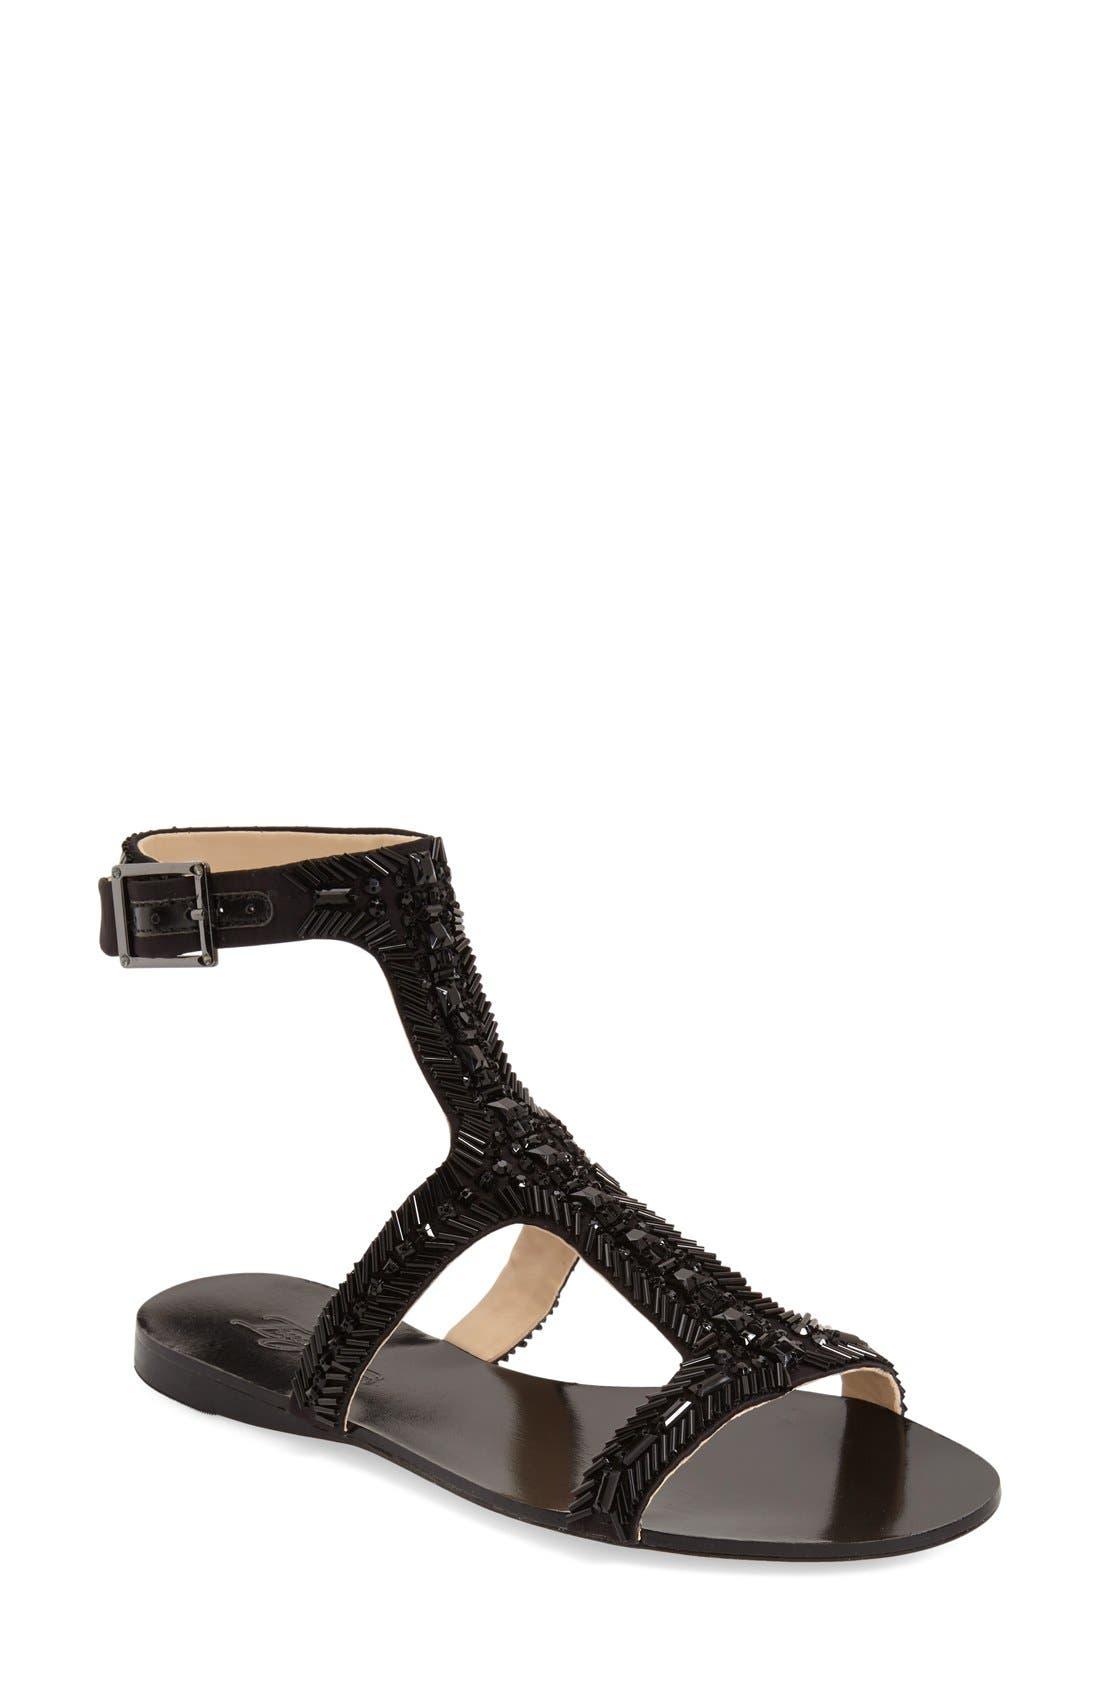 Imagine Vince Camuto 'Reid' Embellished T-Strap Flat Sandal,                         Main,                         color, Black